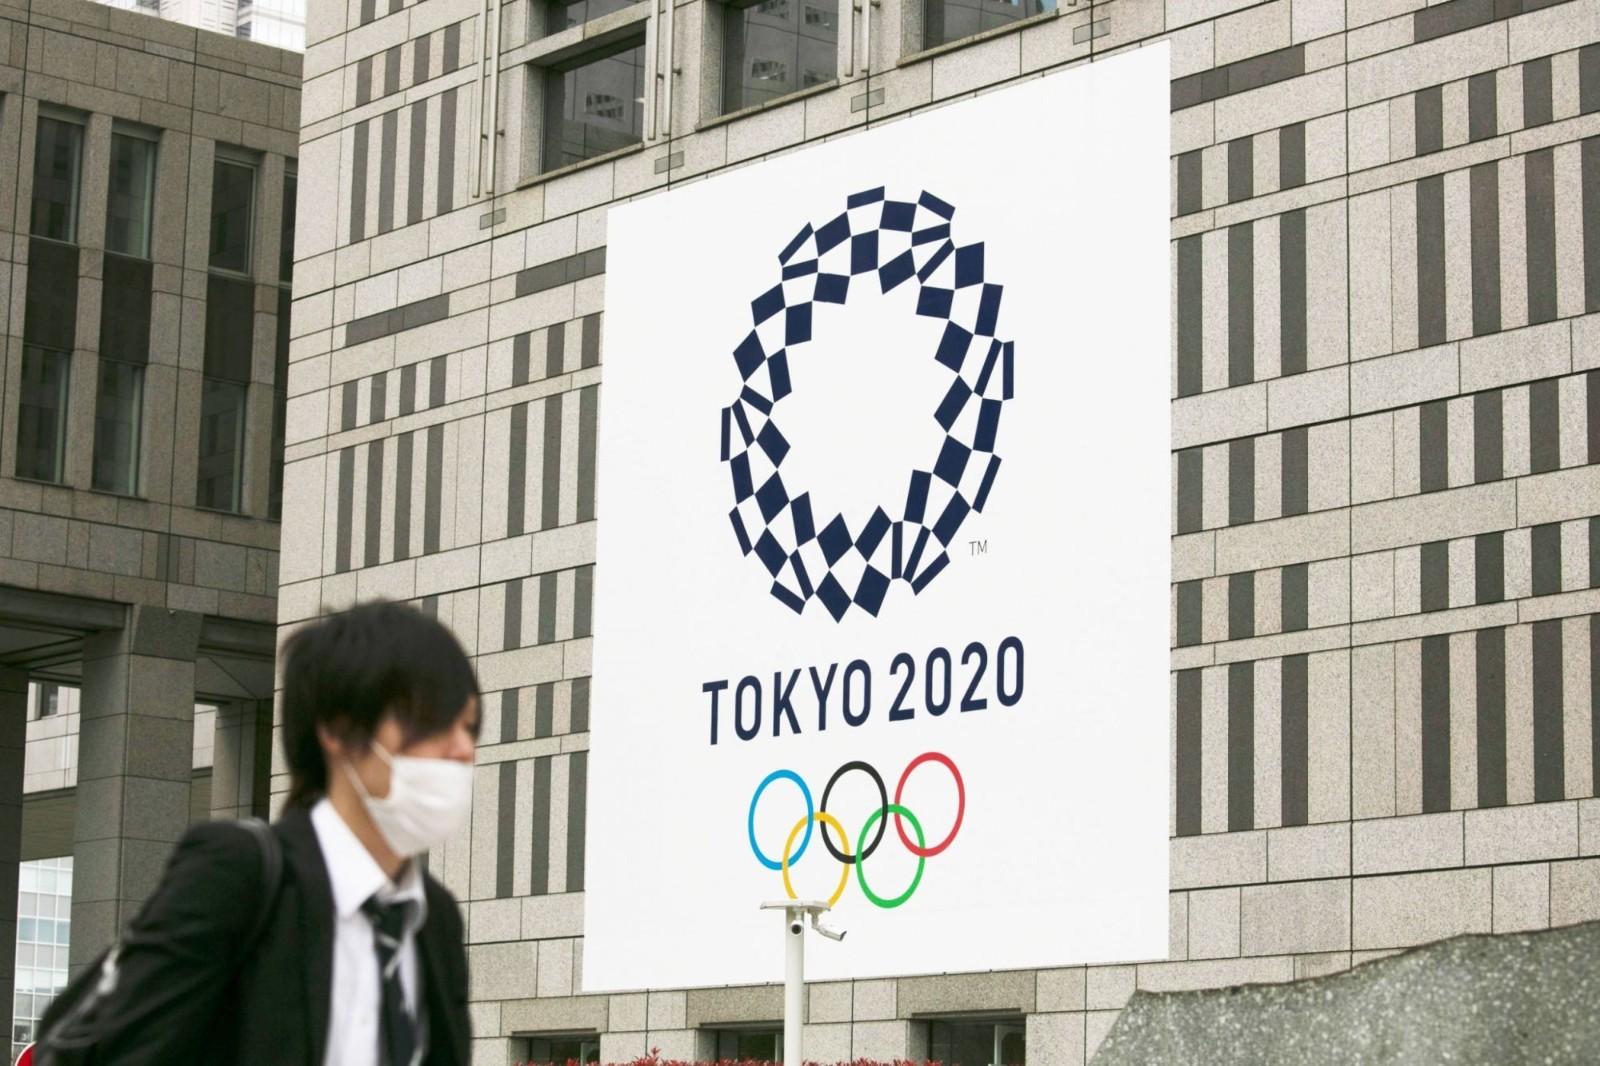 体育产业早餐7.31| 东京奥运正按无疫苗情况做准备 FIFA主席因凡蒂诺被起诉